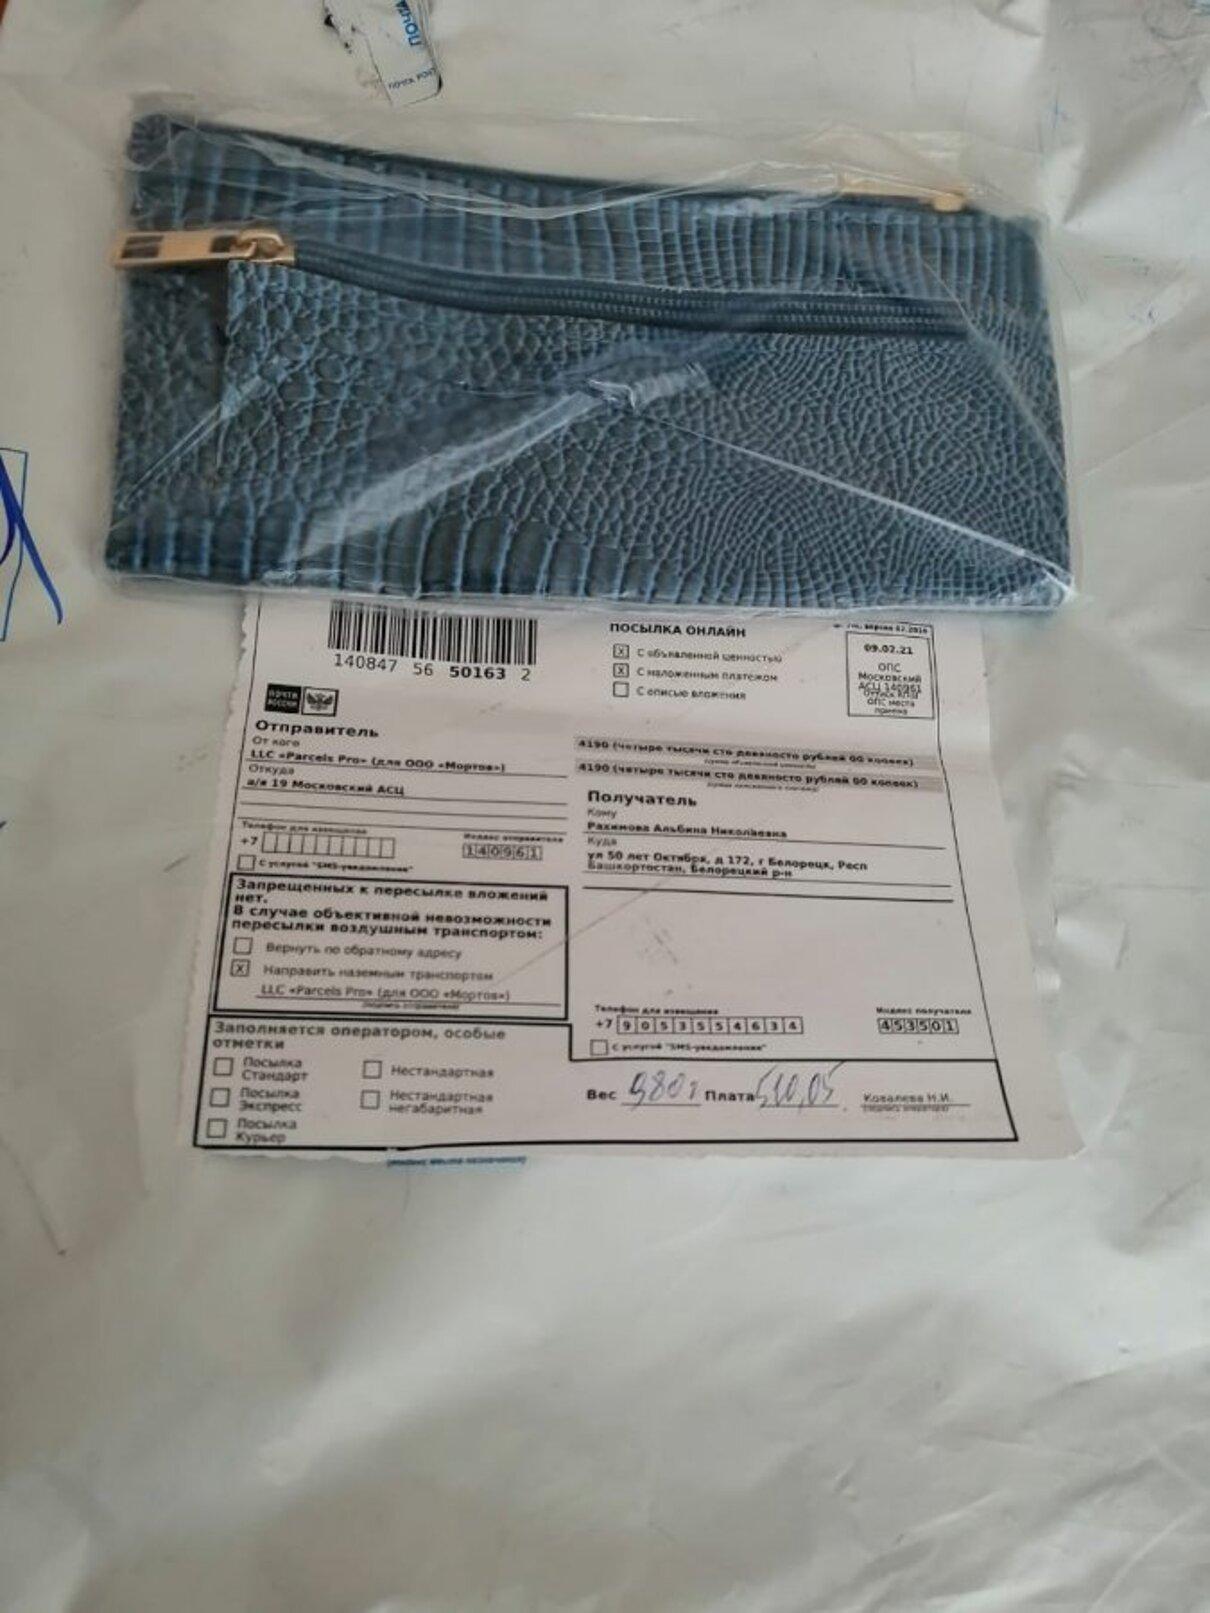 Жалоба-отзыв: LLC «Parcels Pro» (для ООО «Мортов») - Пришел не тот заказ что было заказано.  Фото №4